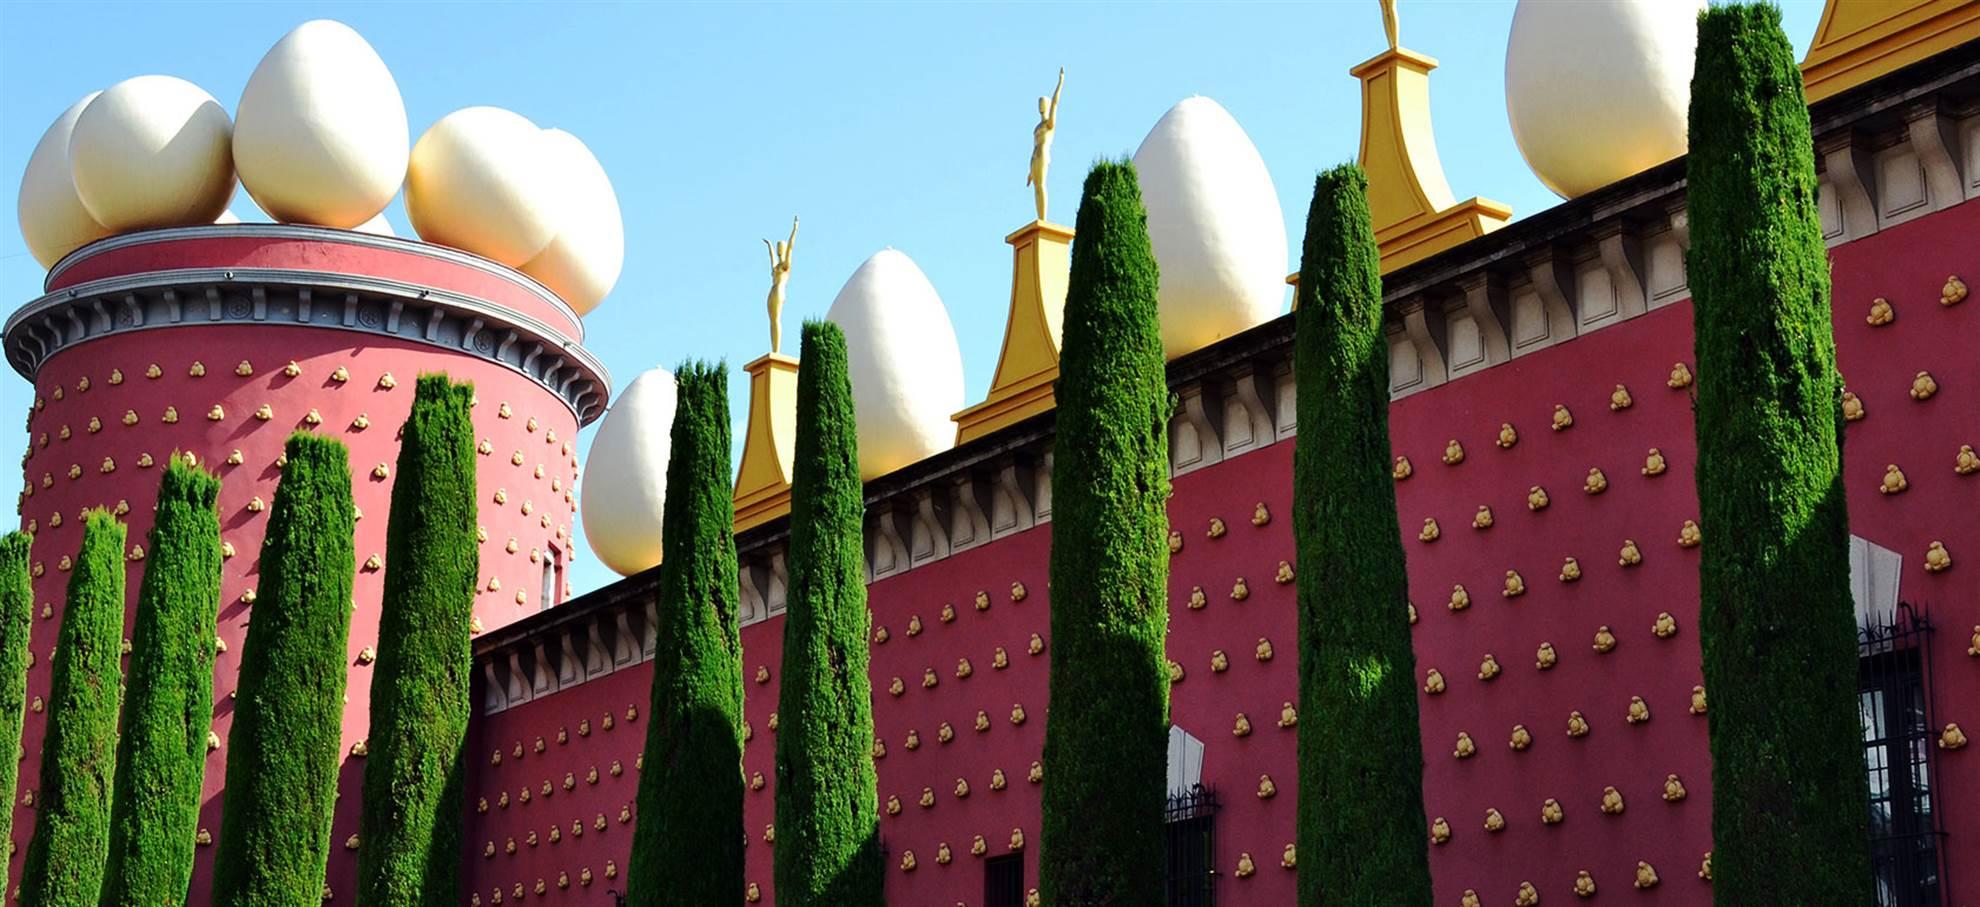 Tour Guiada (privada) ao Museu Dali